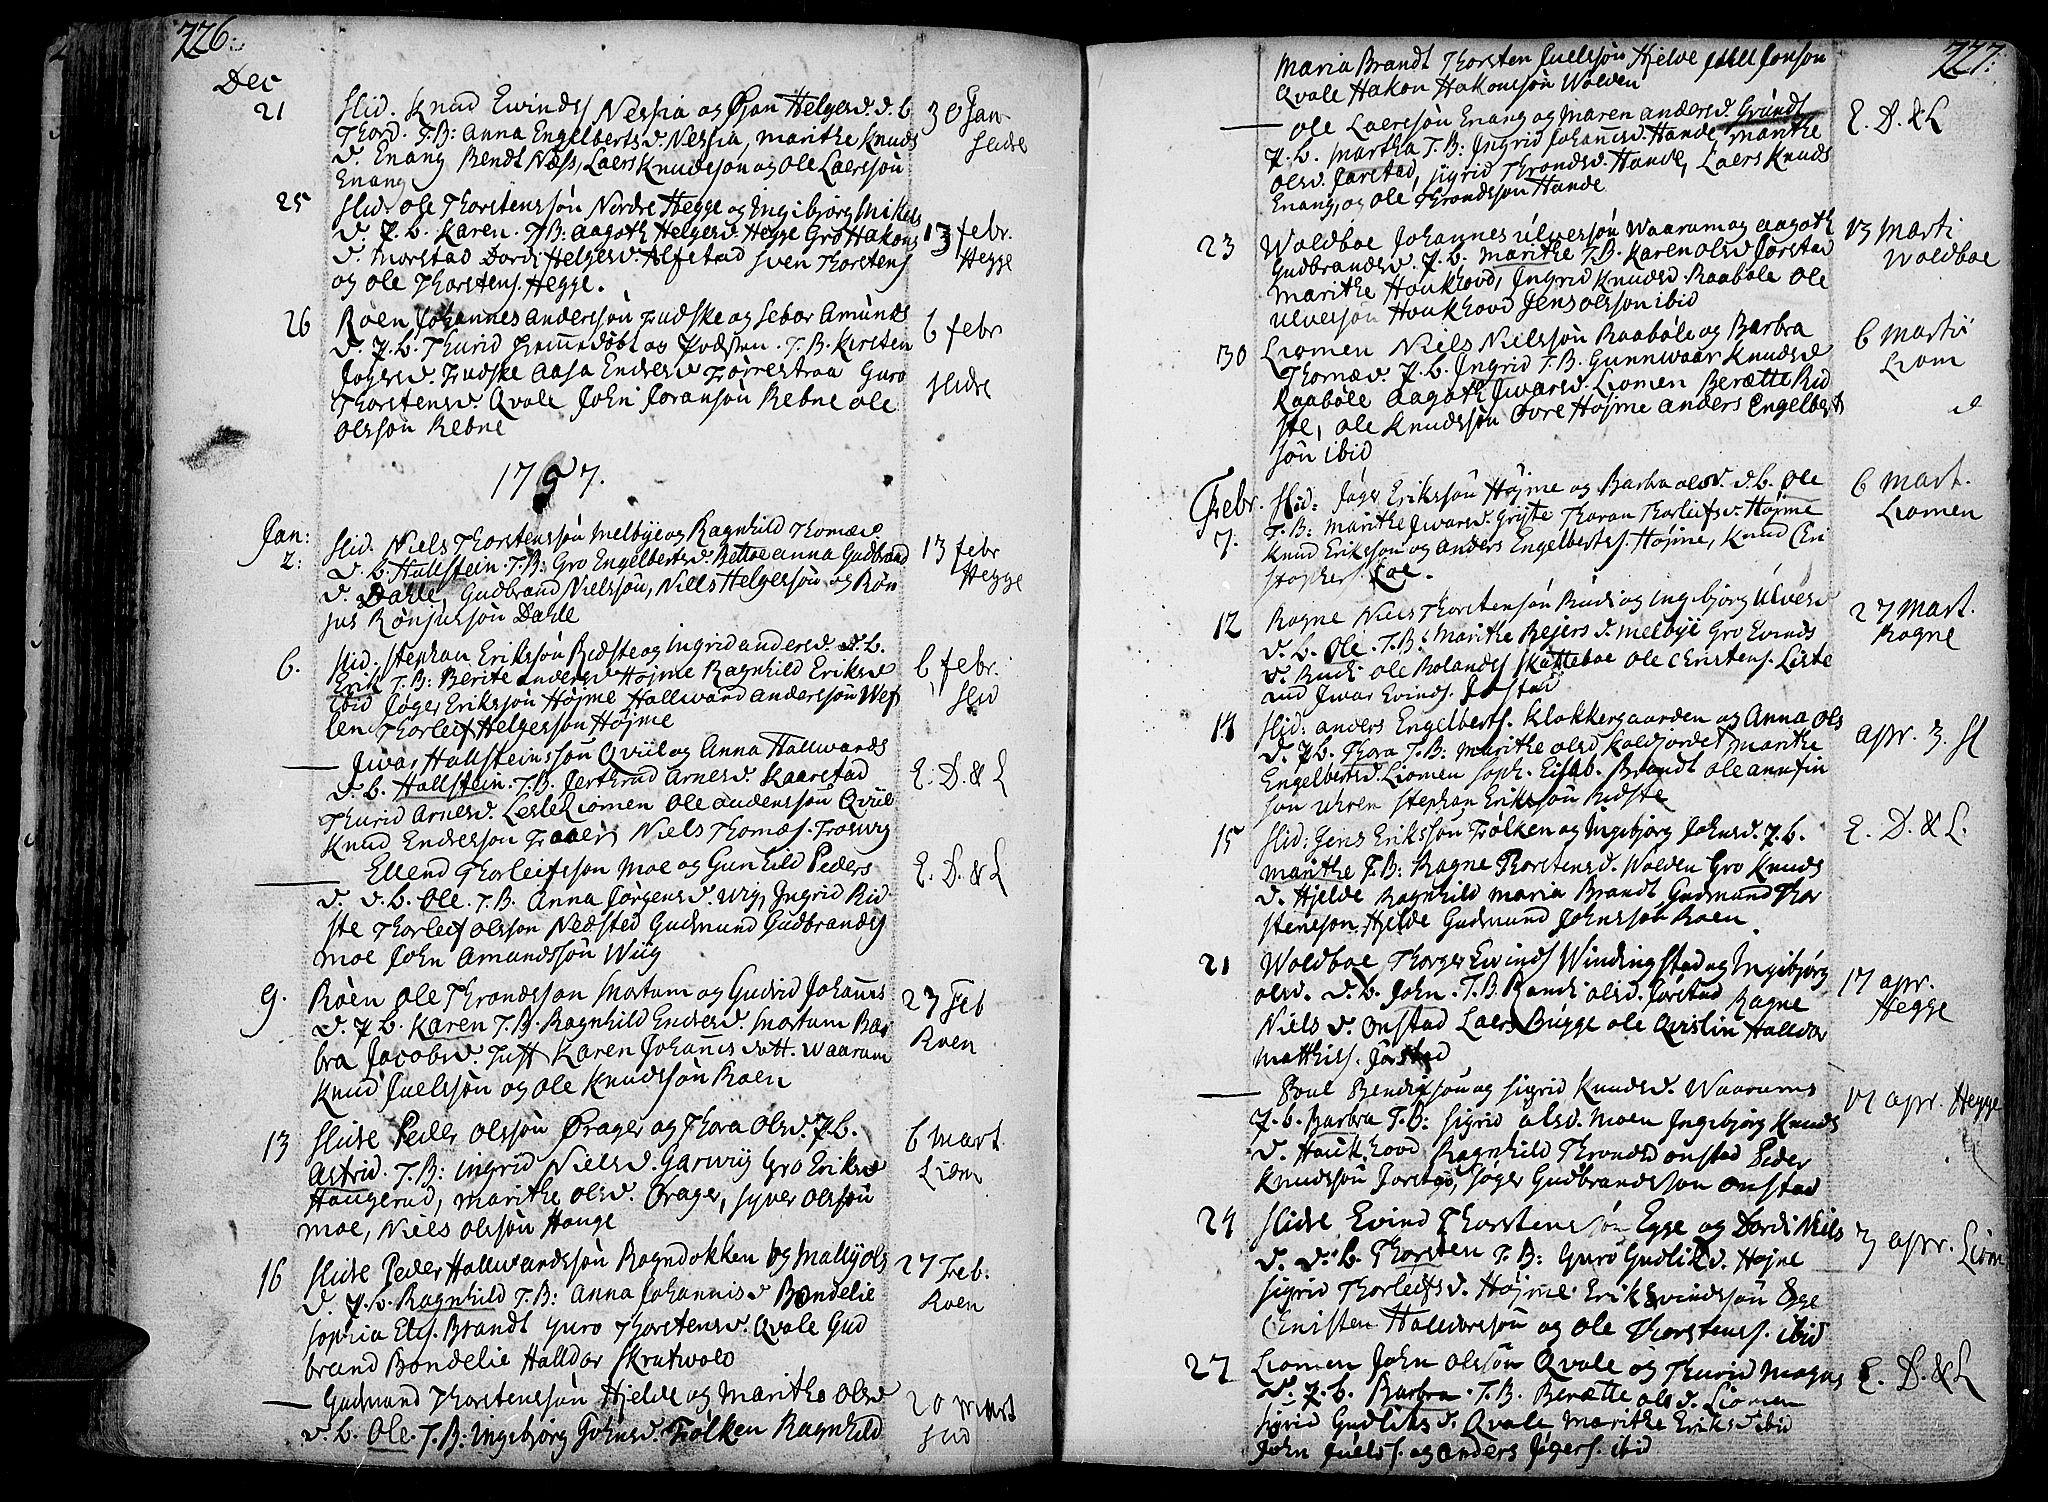 SAH, Slidre prestekontor, Ministerialbok nr. 1, 1724-1814, s. 226-227